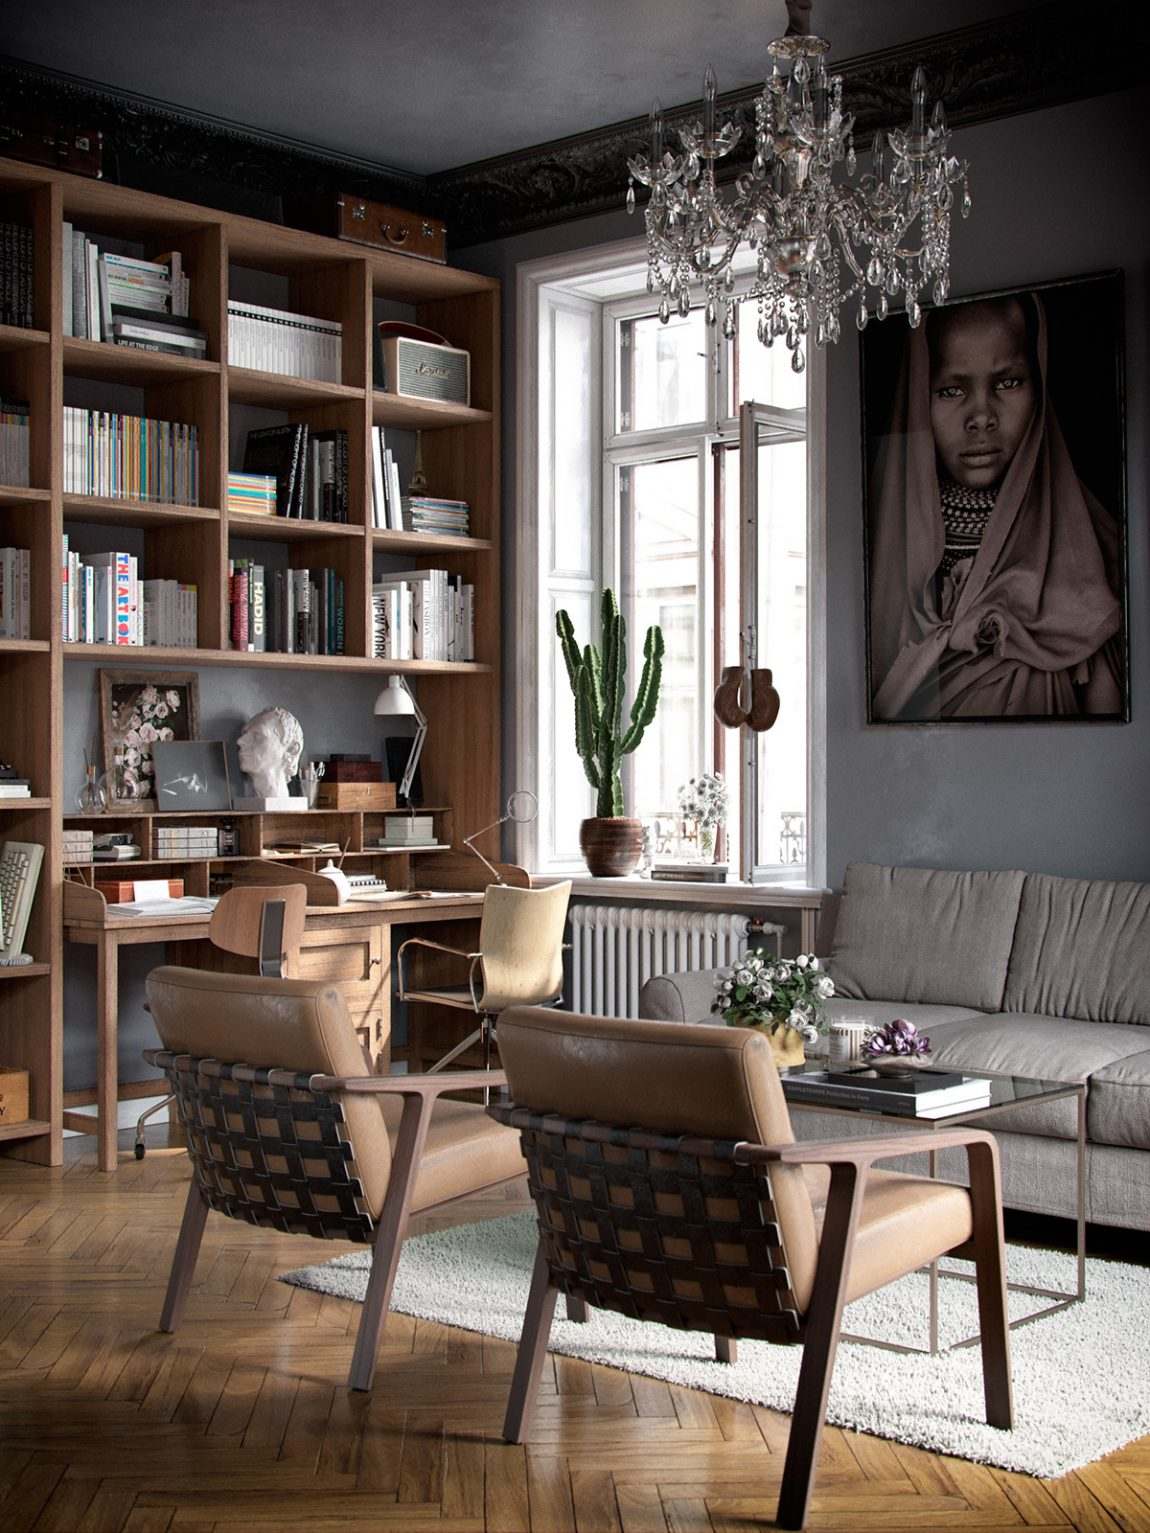 eclectisch-interieur-woonkamer